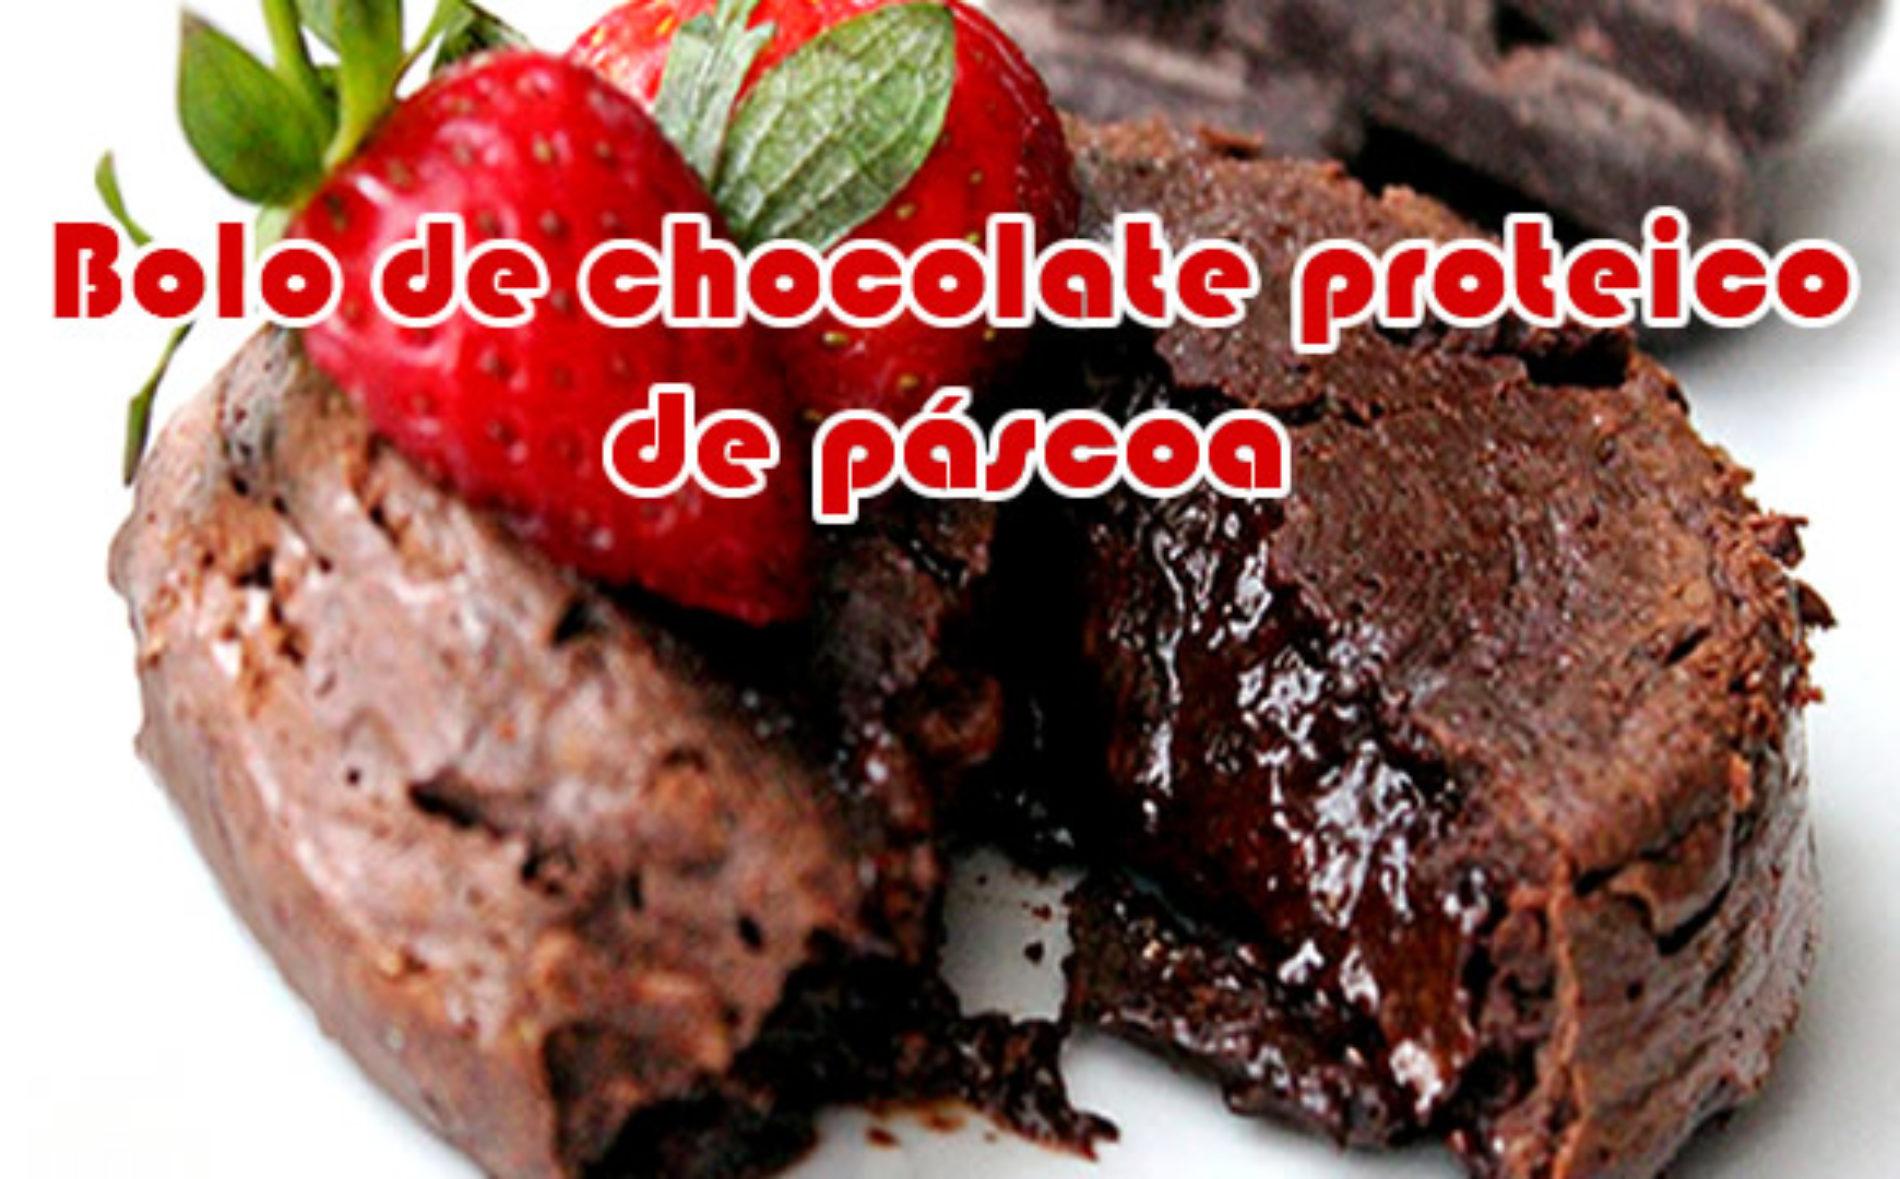 Bolo de proteina com Chocolate – Receitas de Páscoa